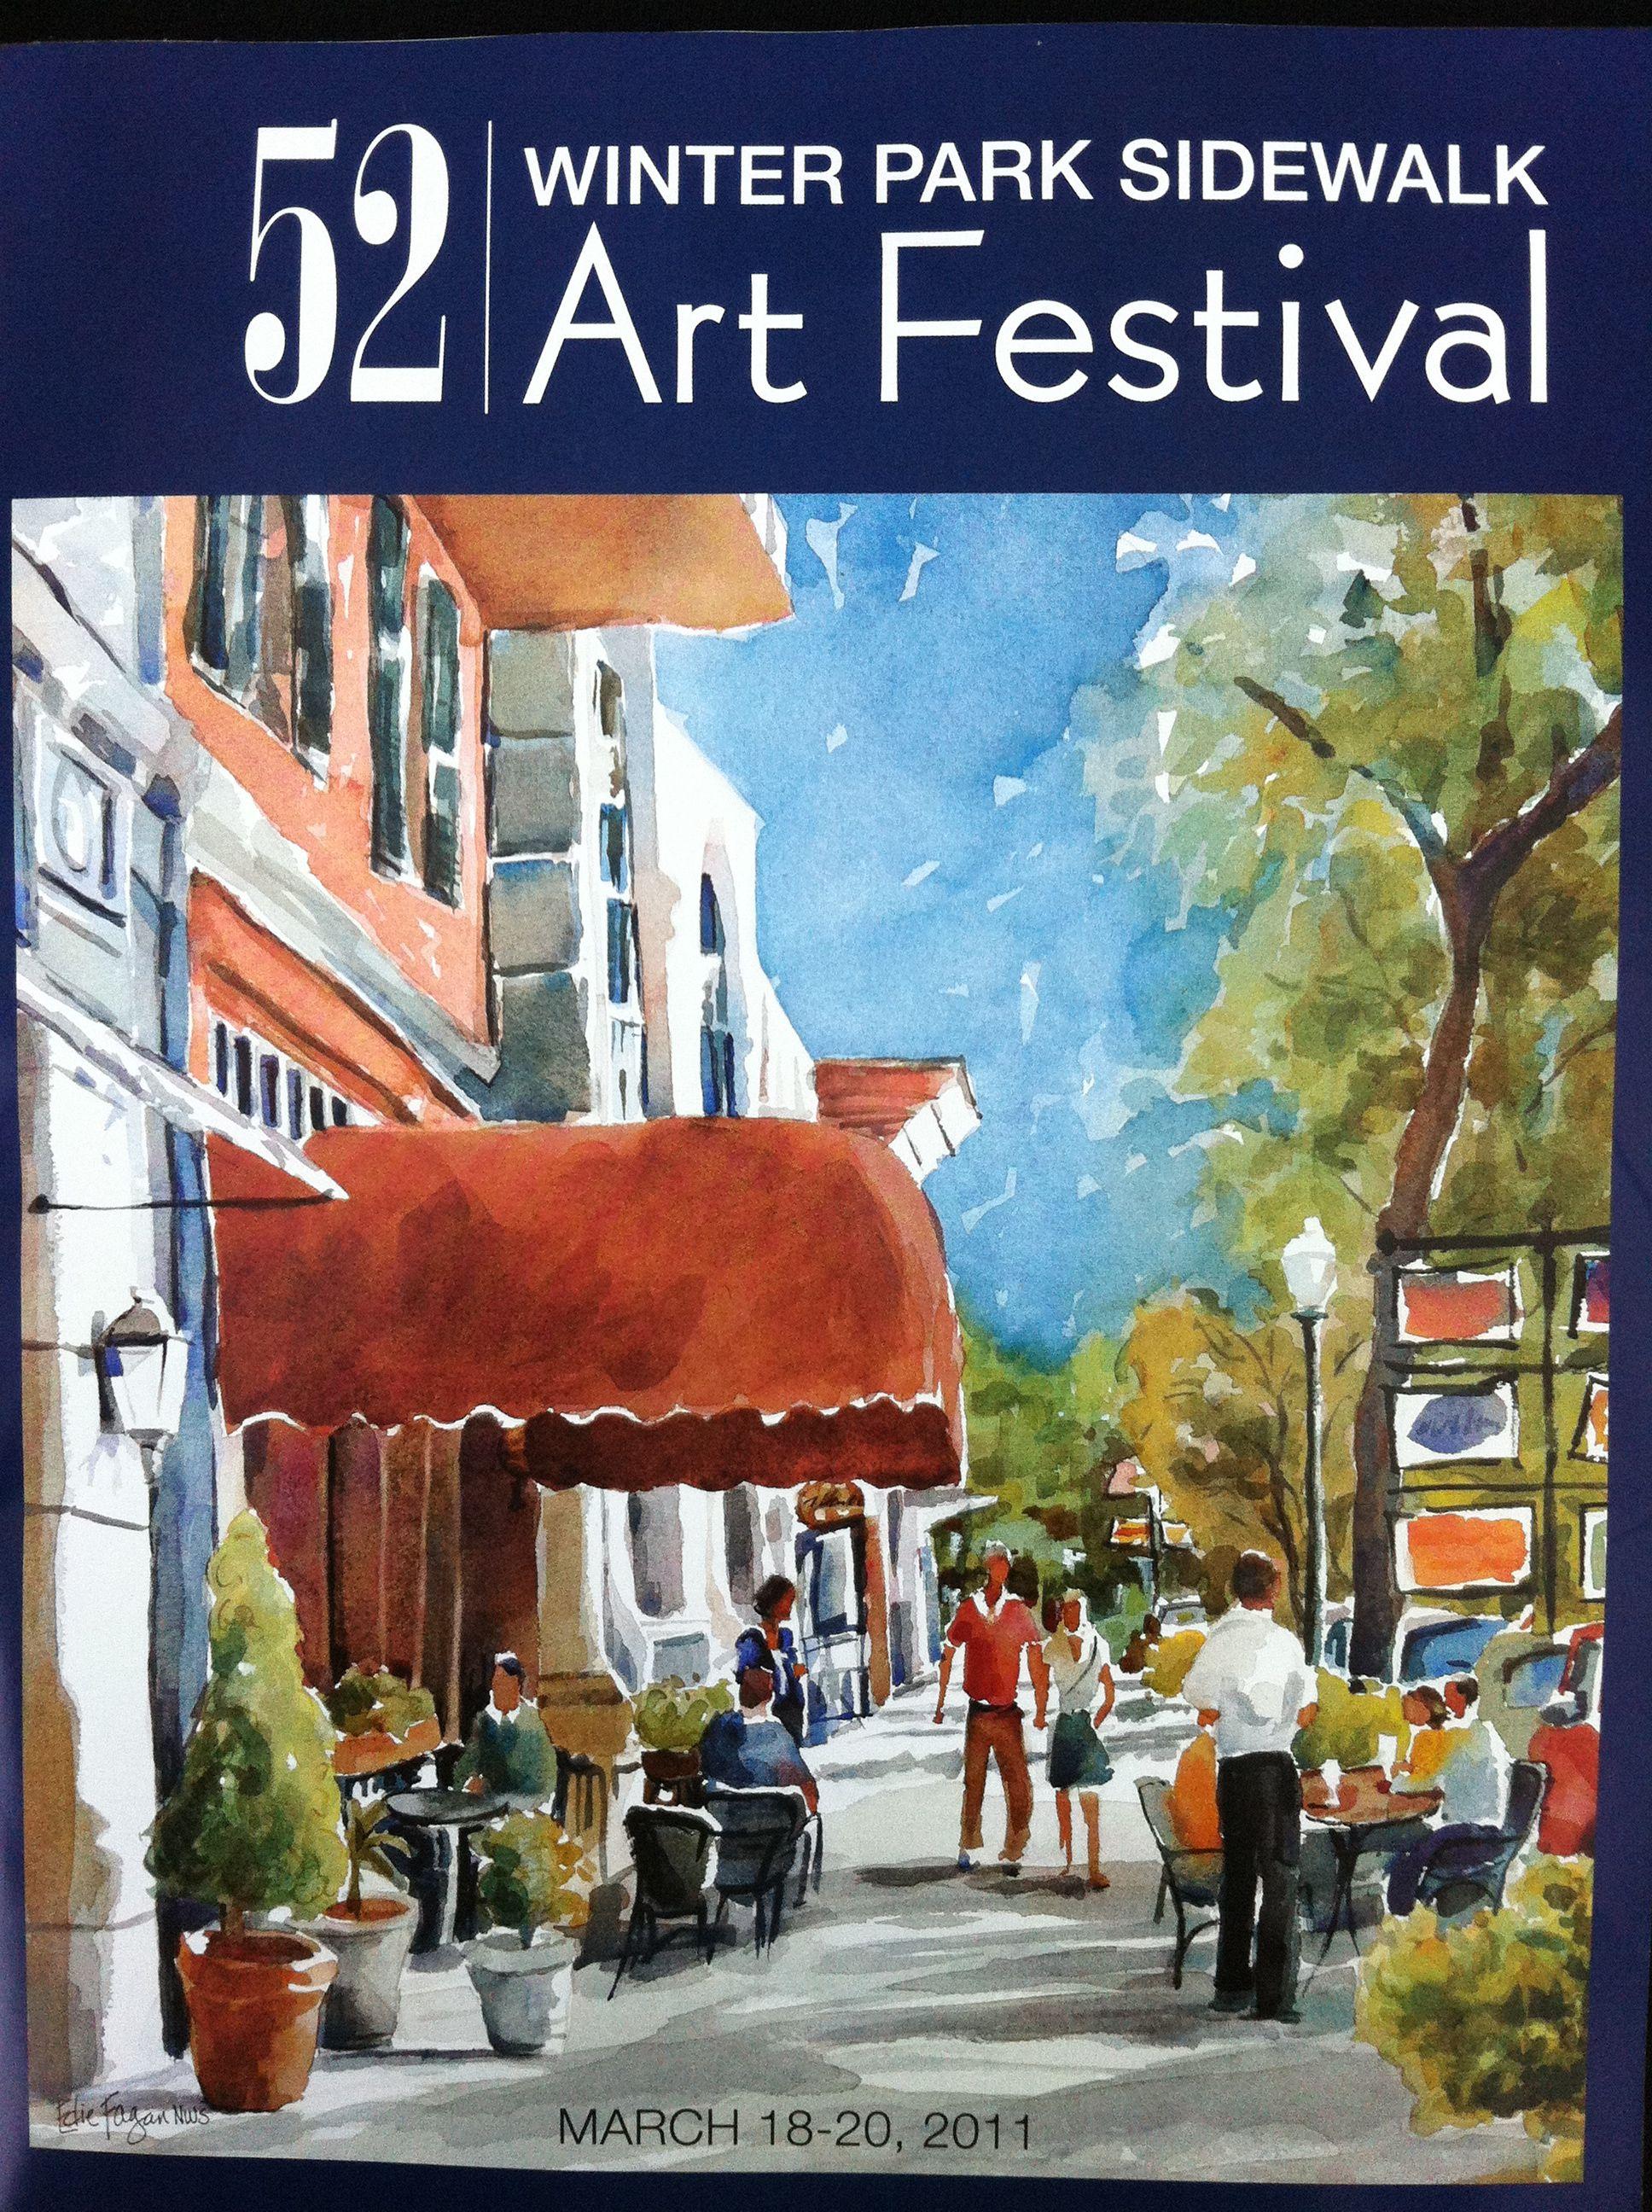 Winter Park Fl Art Festival Sidewalk Art Art Festival Poster